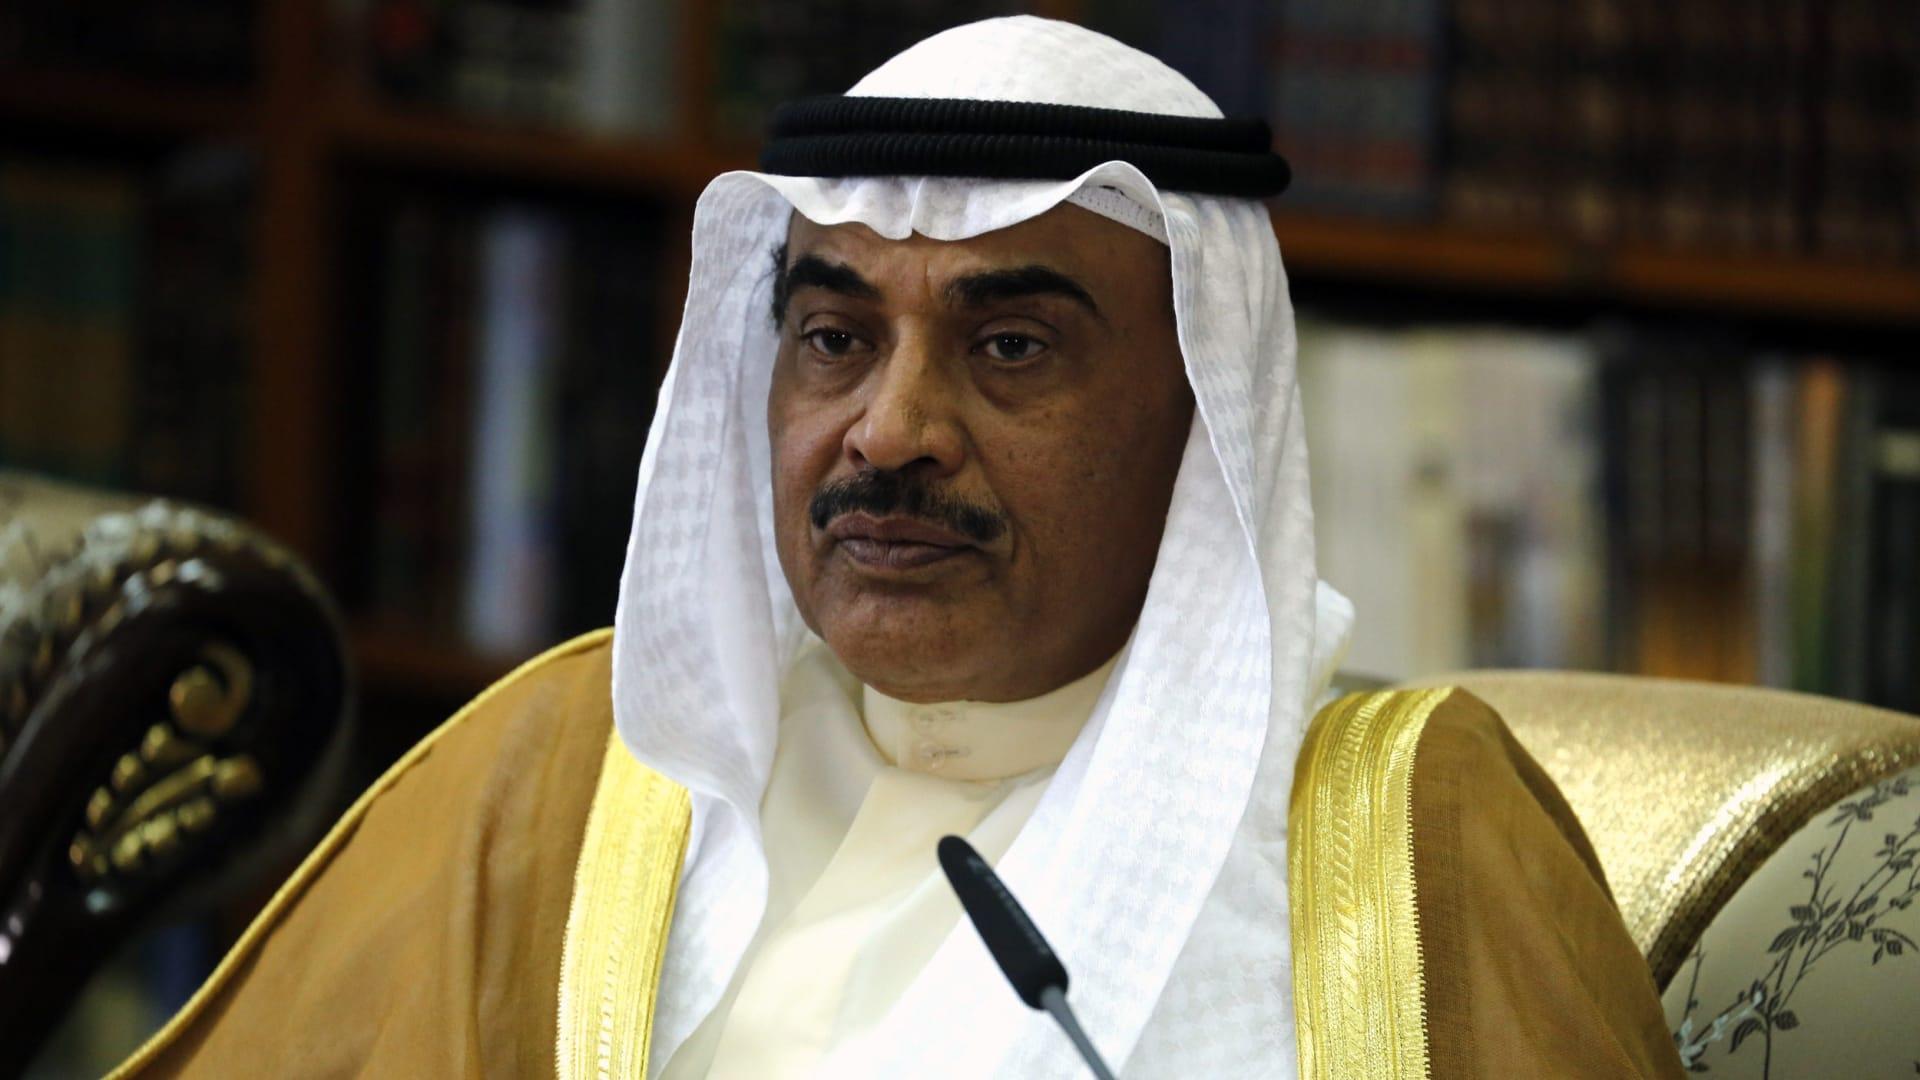 رئيس وزراء الكويت: ندعو إيران إلى التعاون لنزع فتيل التوتر بالمنطقة